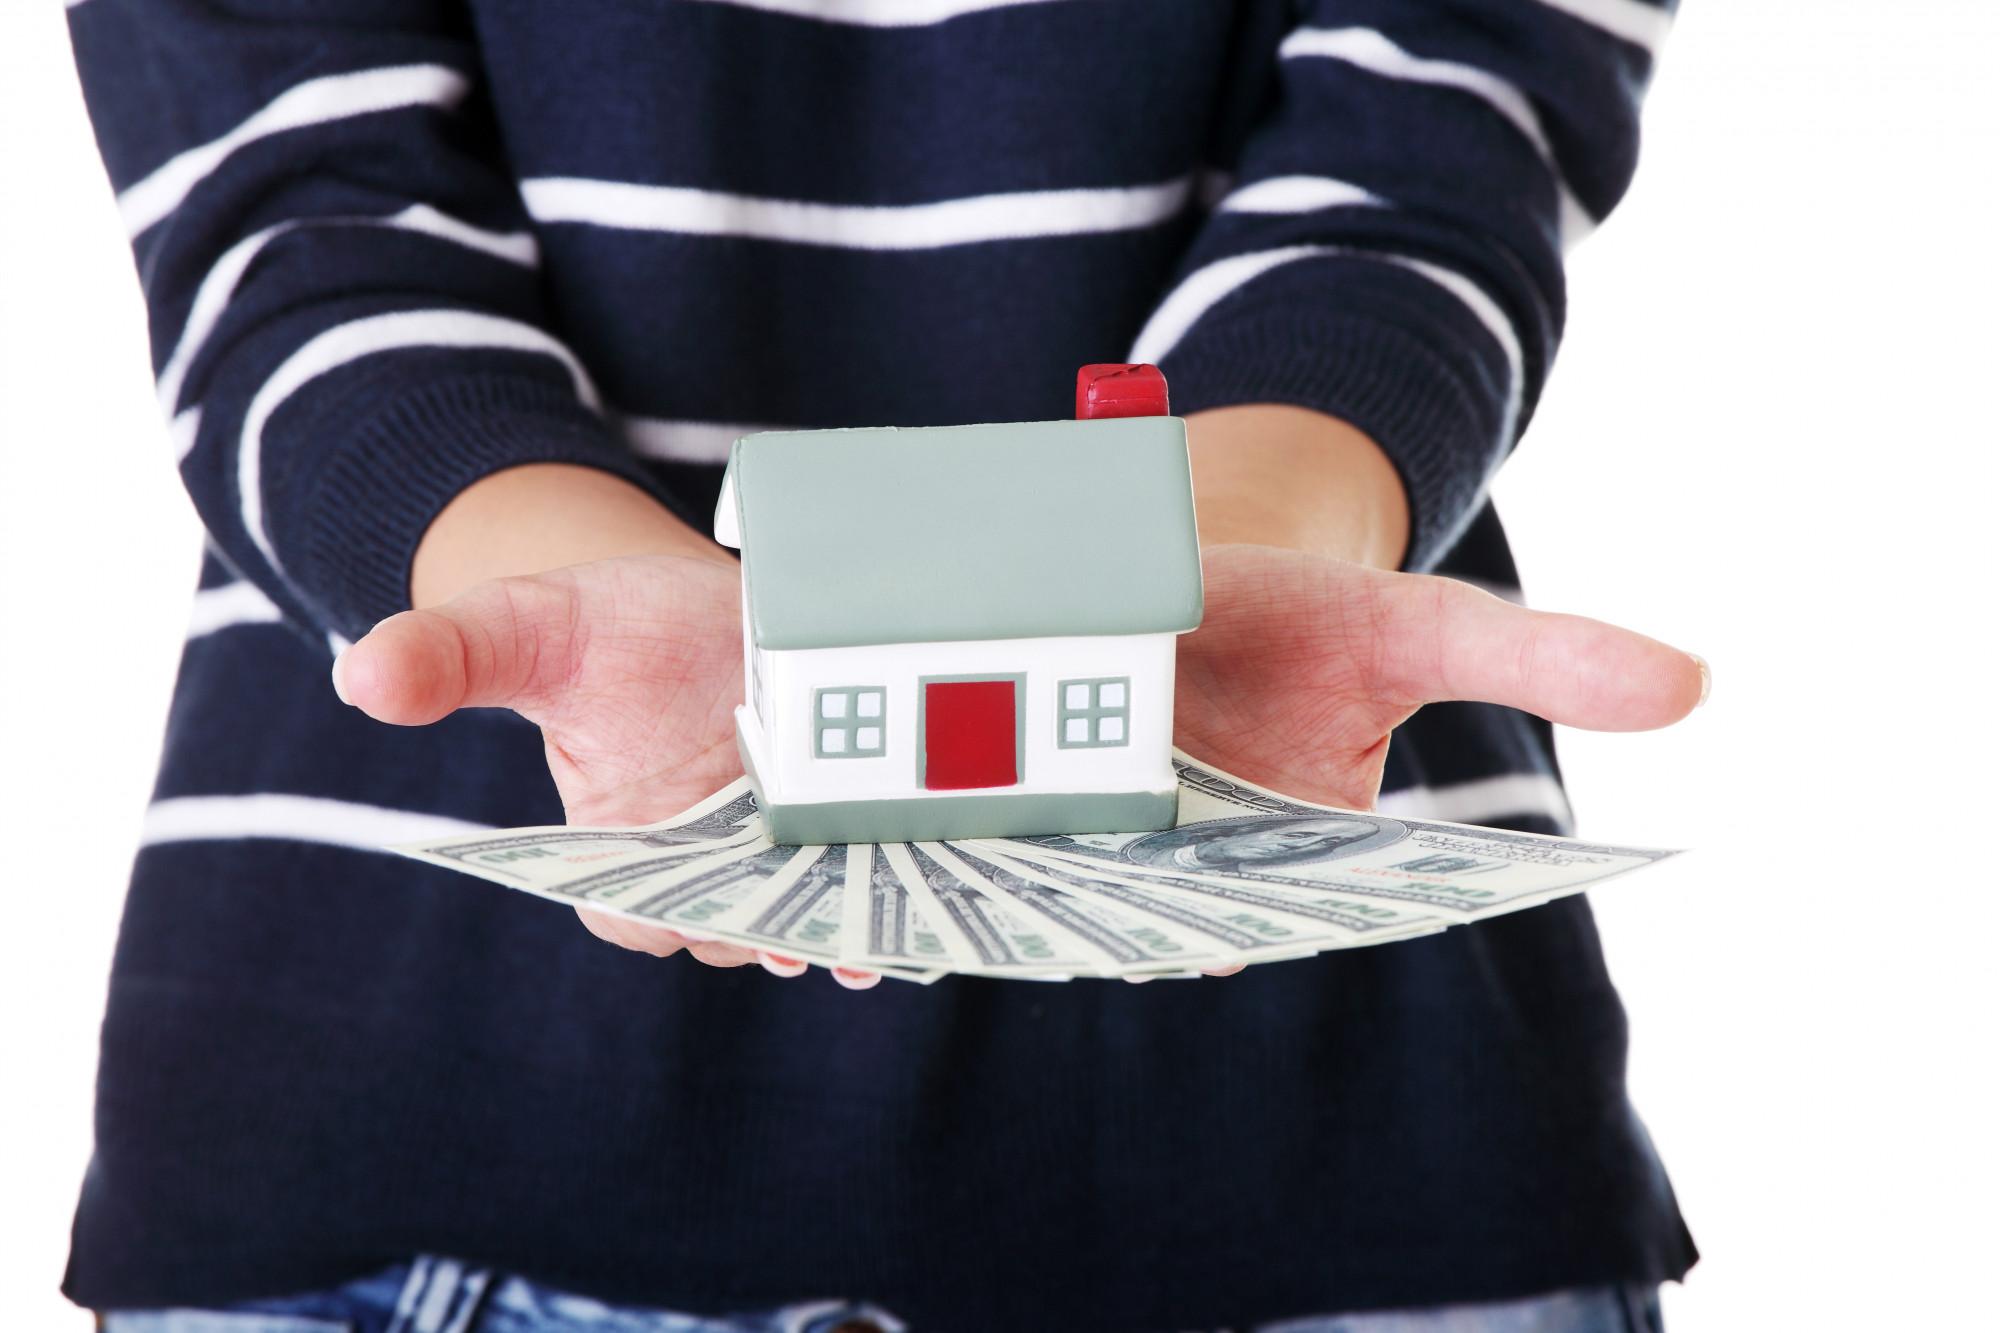 Come vendere una casa donata senza rischi le proposte del notariato sap real estate - Vendere una casa ricevuta in donazione ...